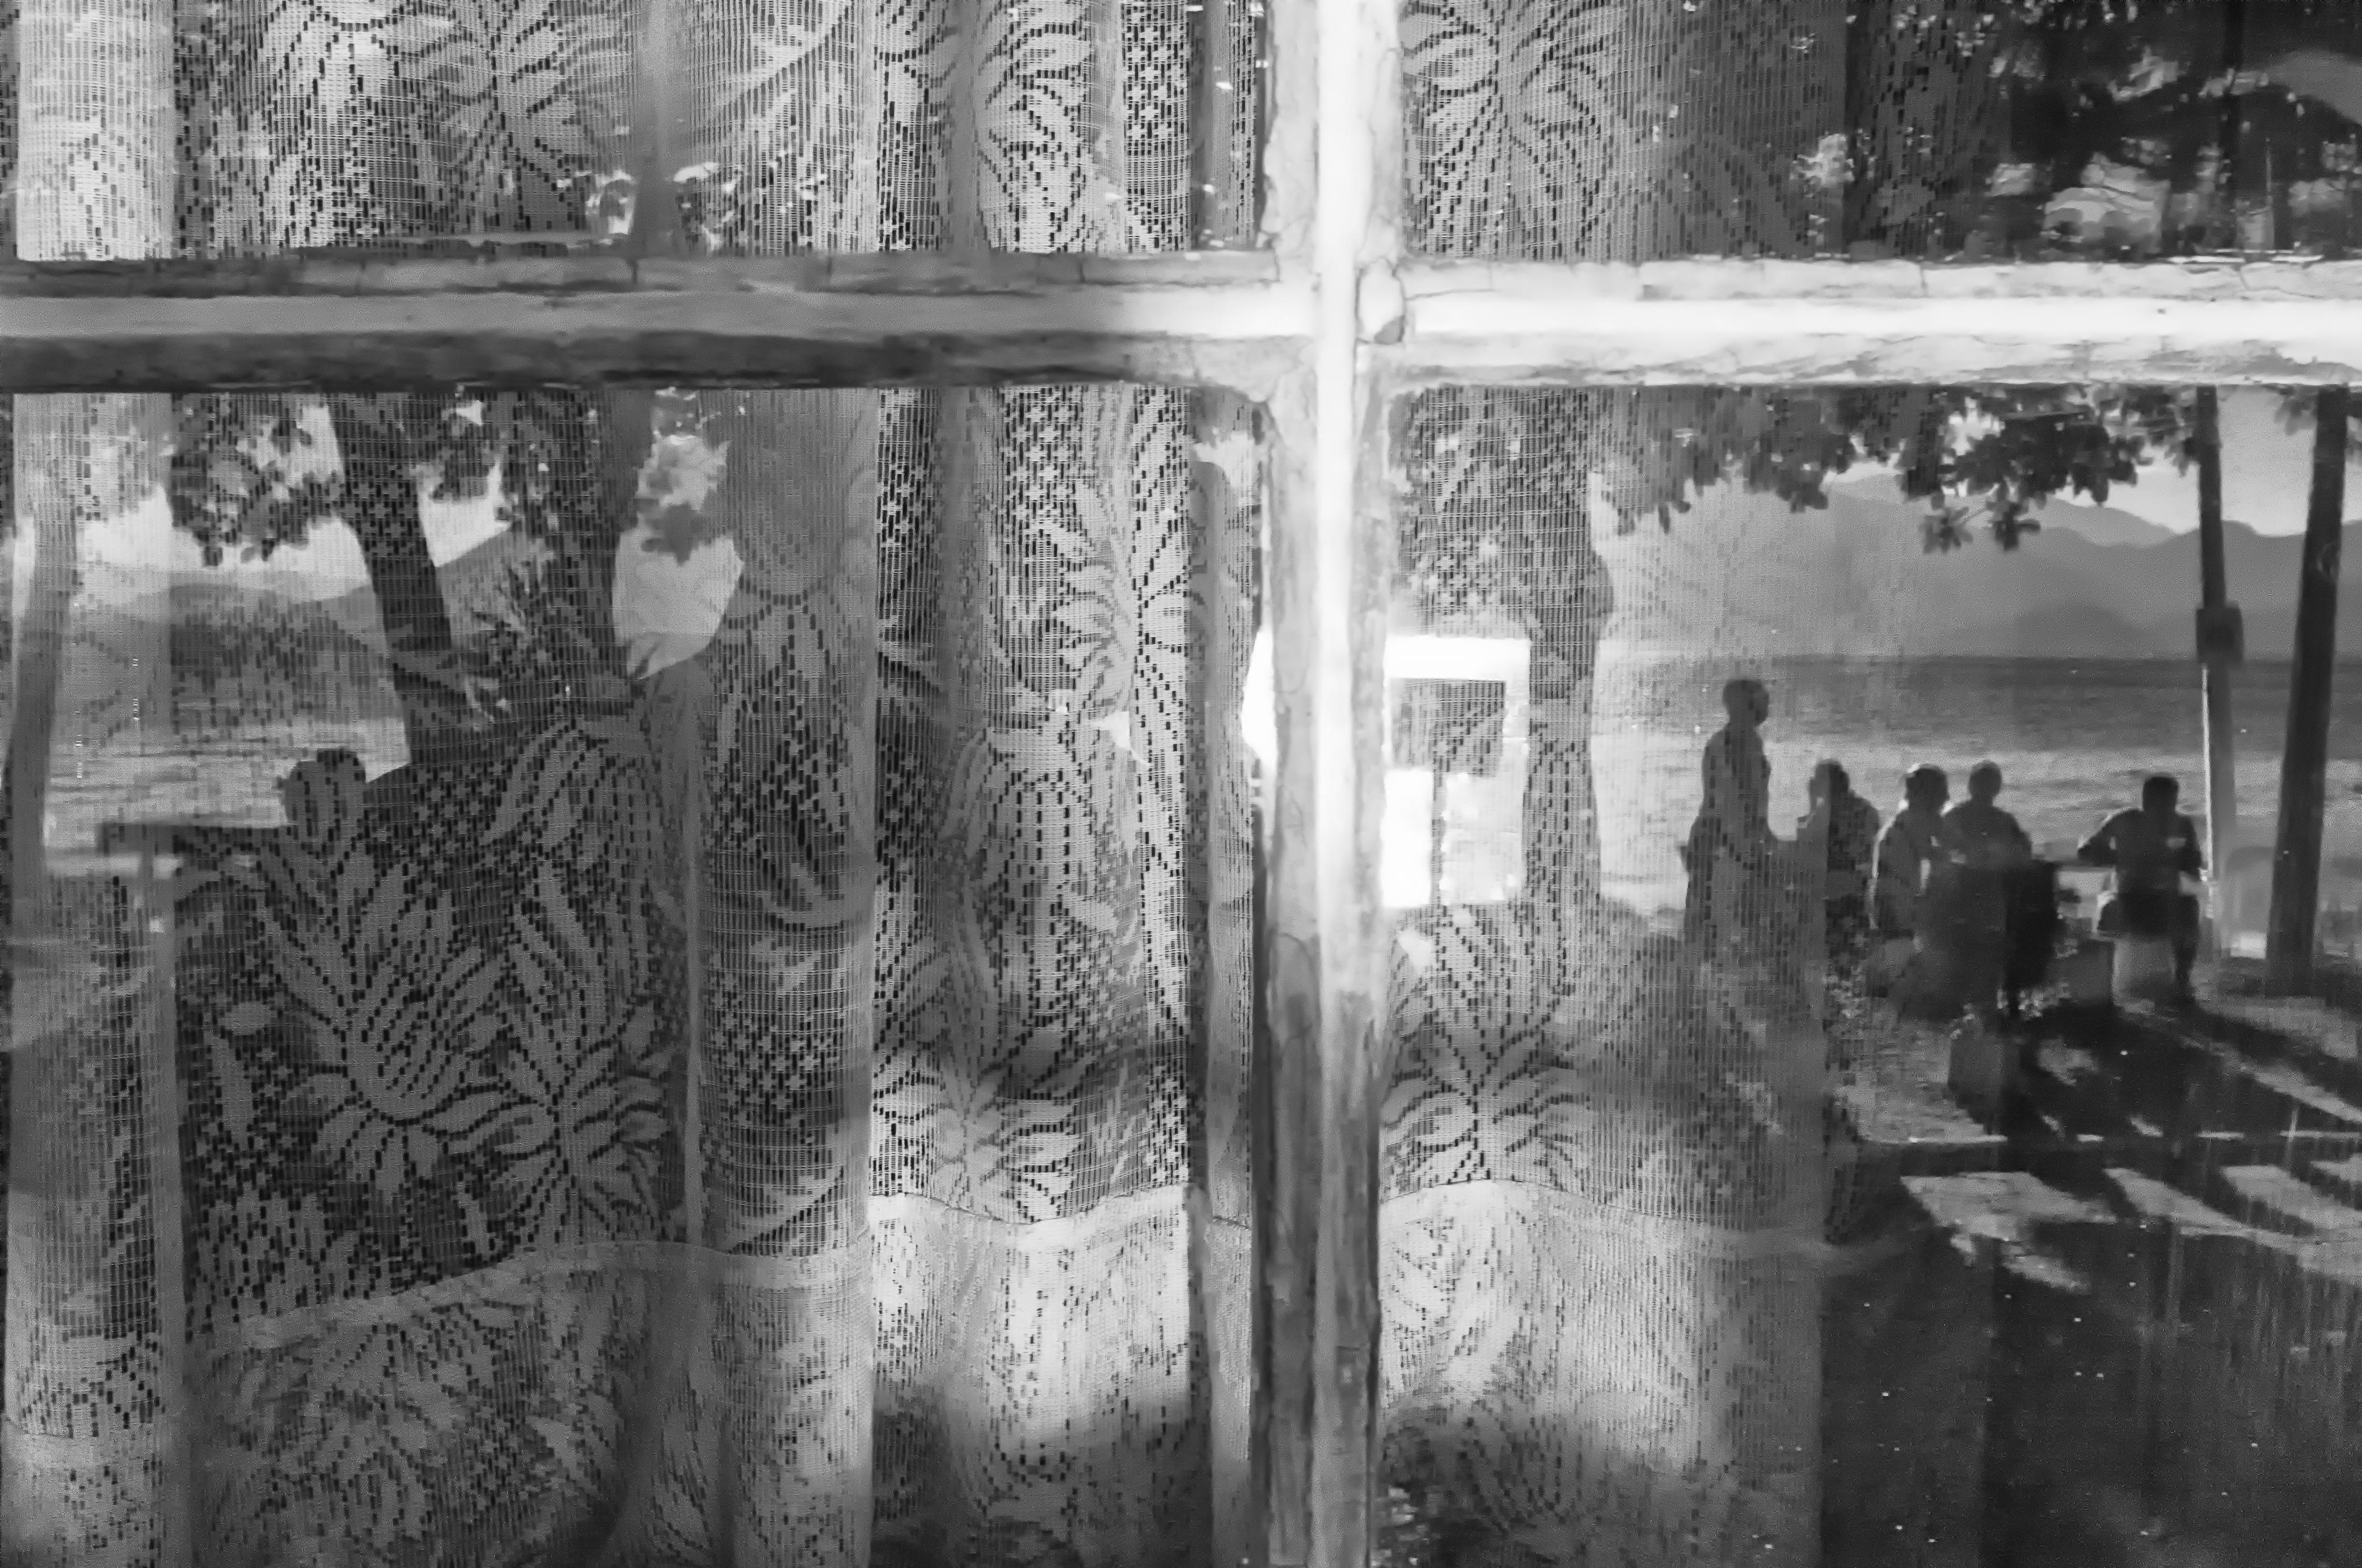 Uma das imagens do fotógrafo Otávio Nogueira que está presente no seu novo livro, intitulado